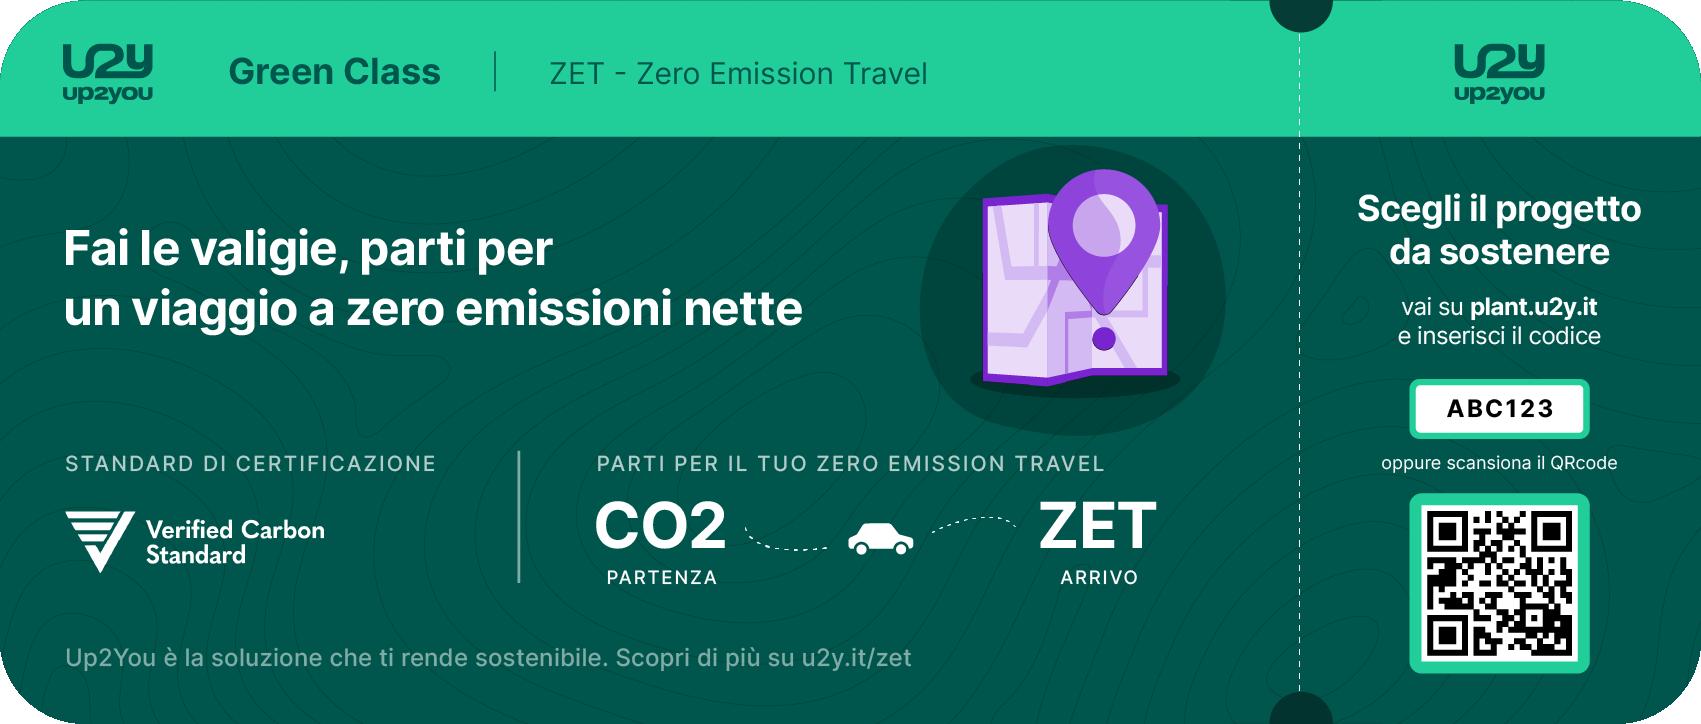 Boarding pass per azzerare le emissioni nette di viaggio e soggiorno